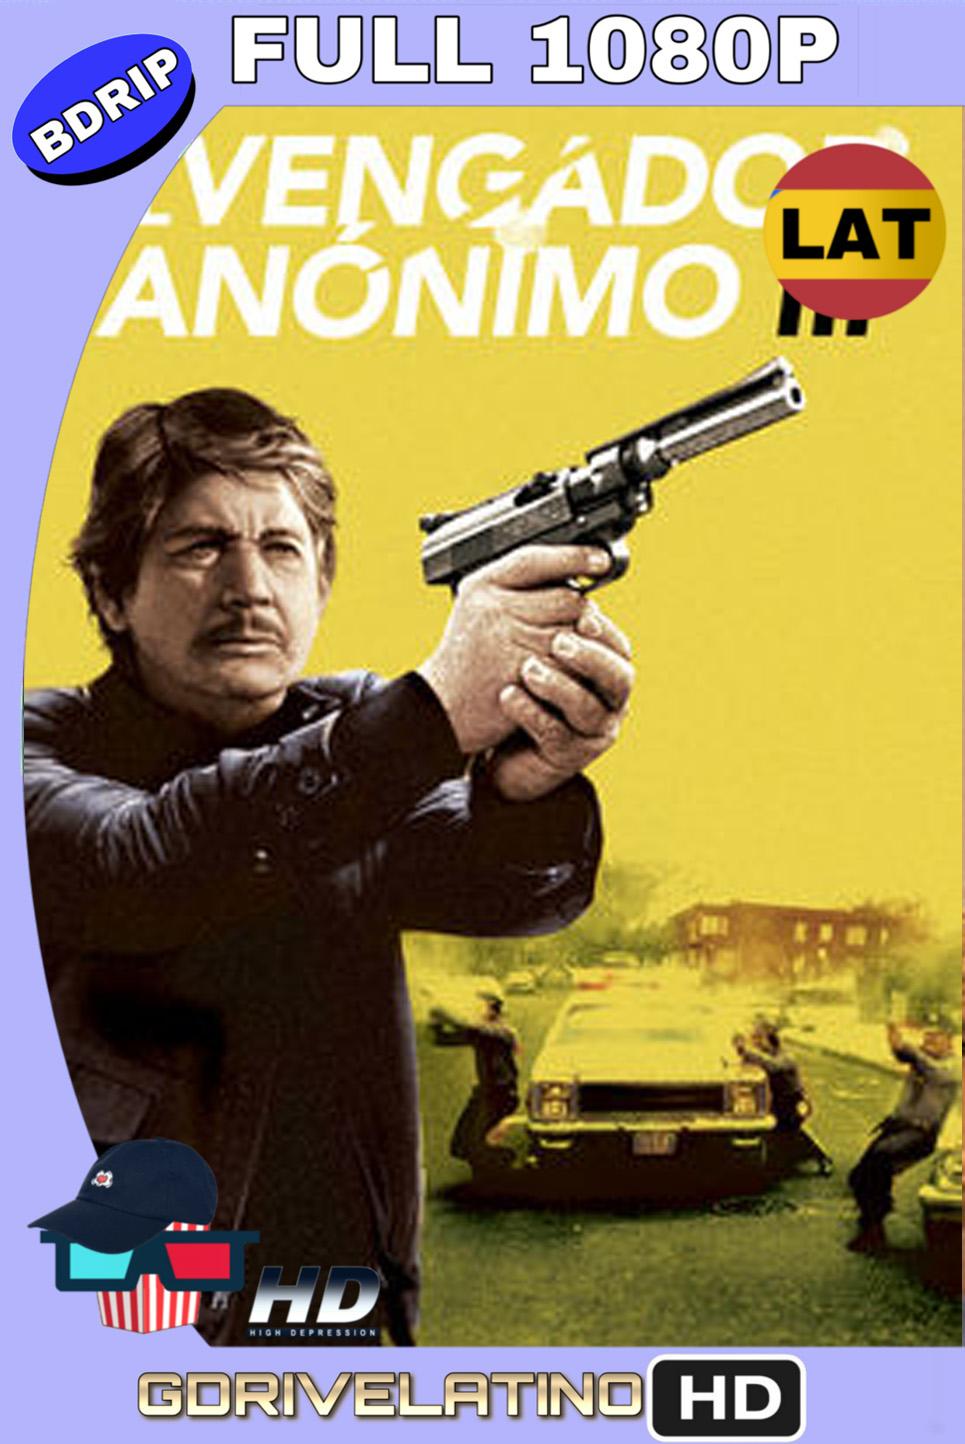 El Vengador Anónimo 3 (1985) BDRIP 1080p (60 FPS) Latino Inglés MKV